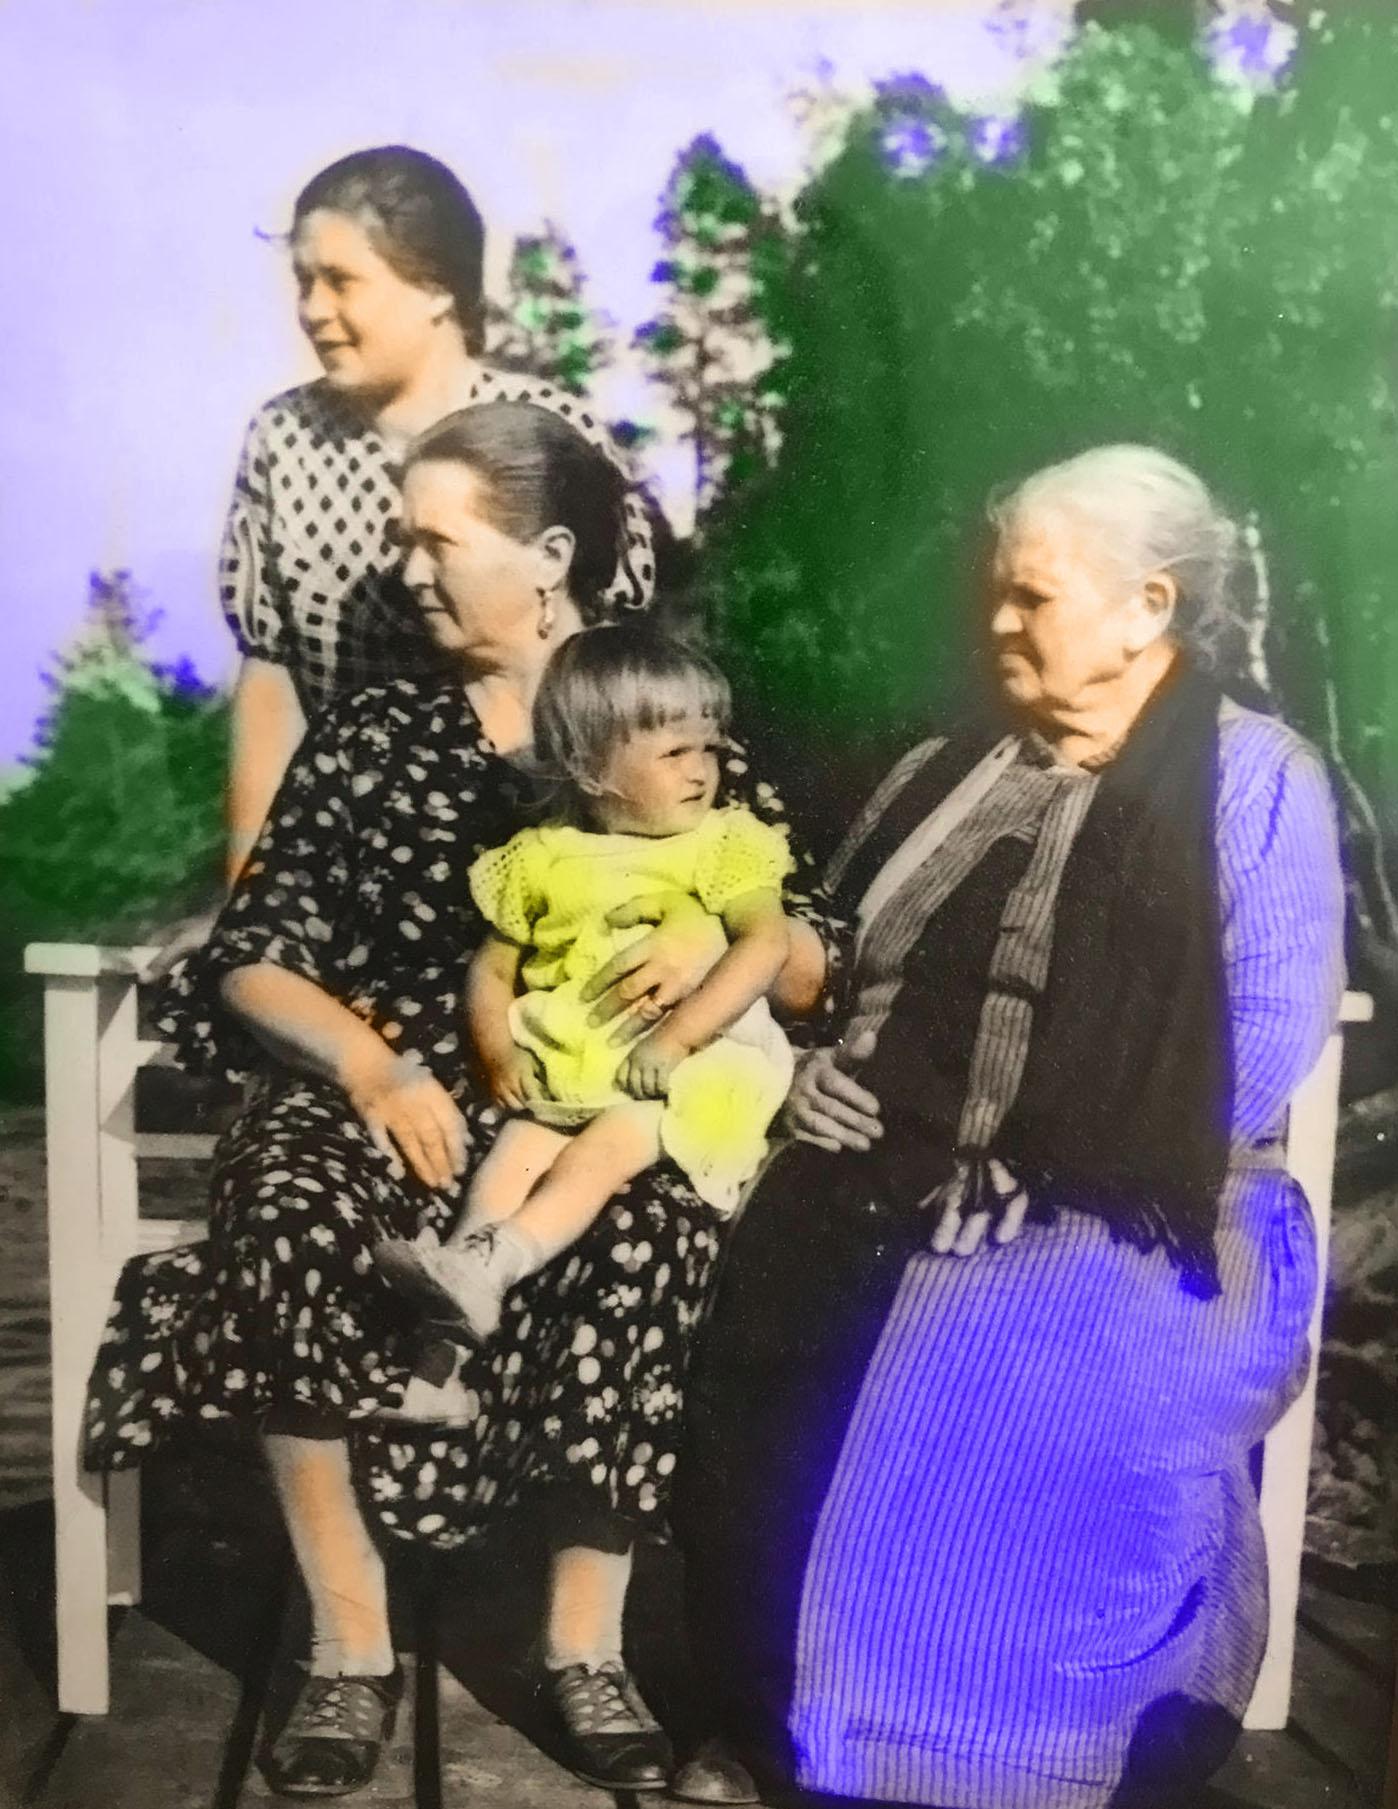 mormormormor